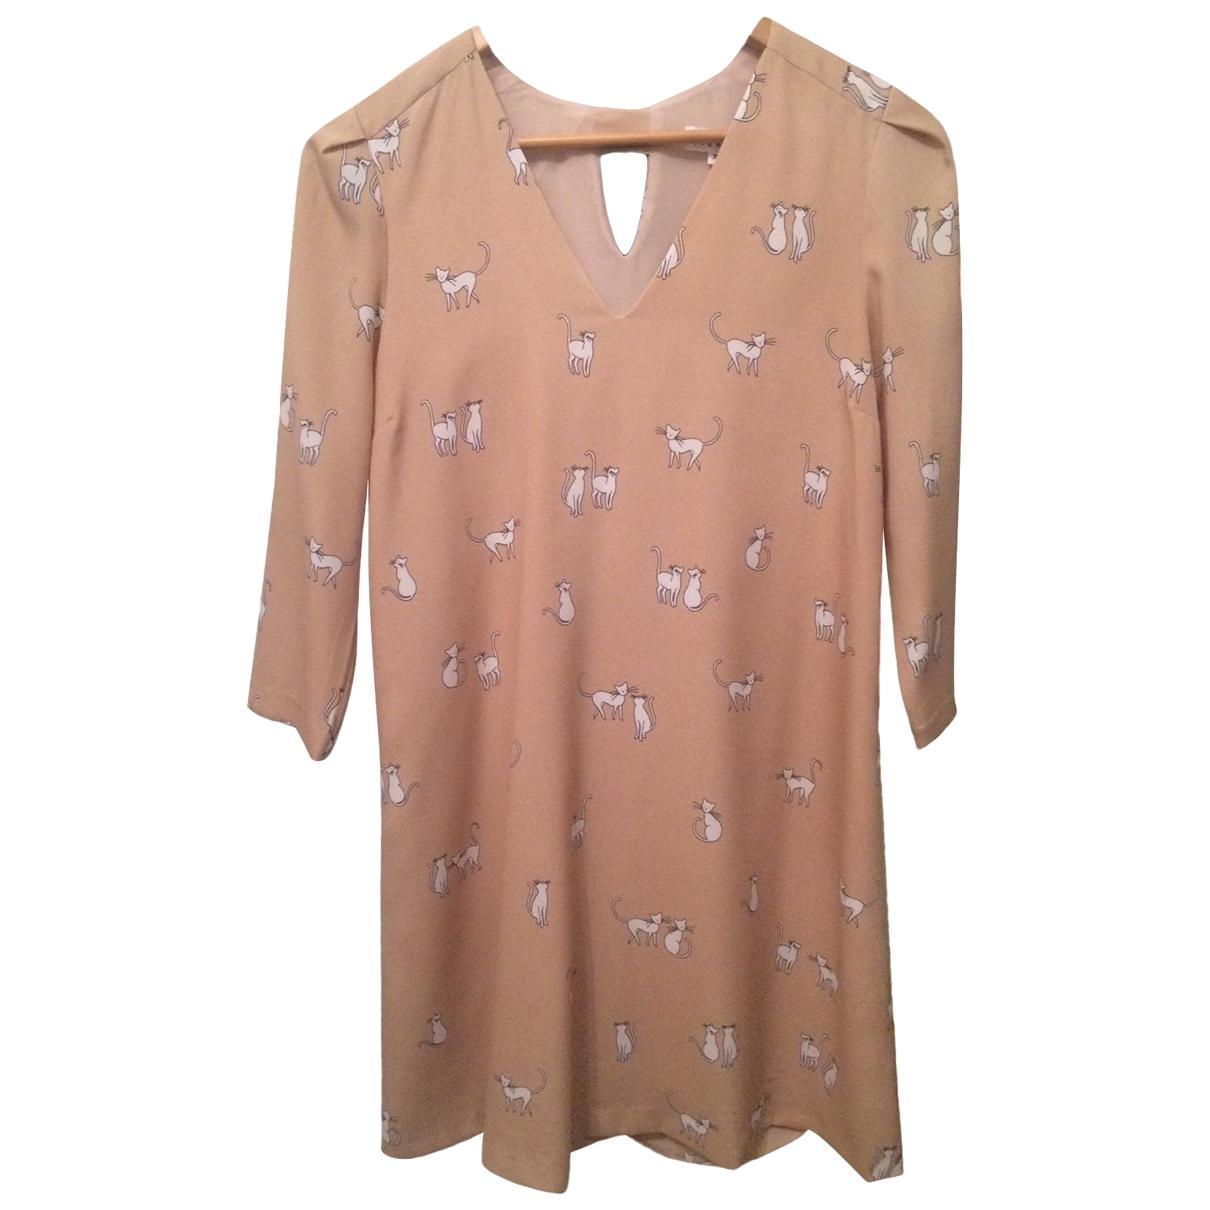 Claudie Pierlot \N Kleid in  Beige Polyester